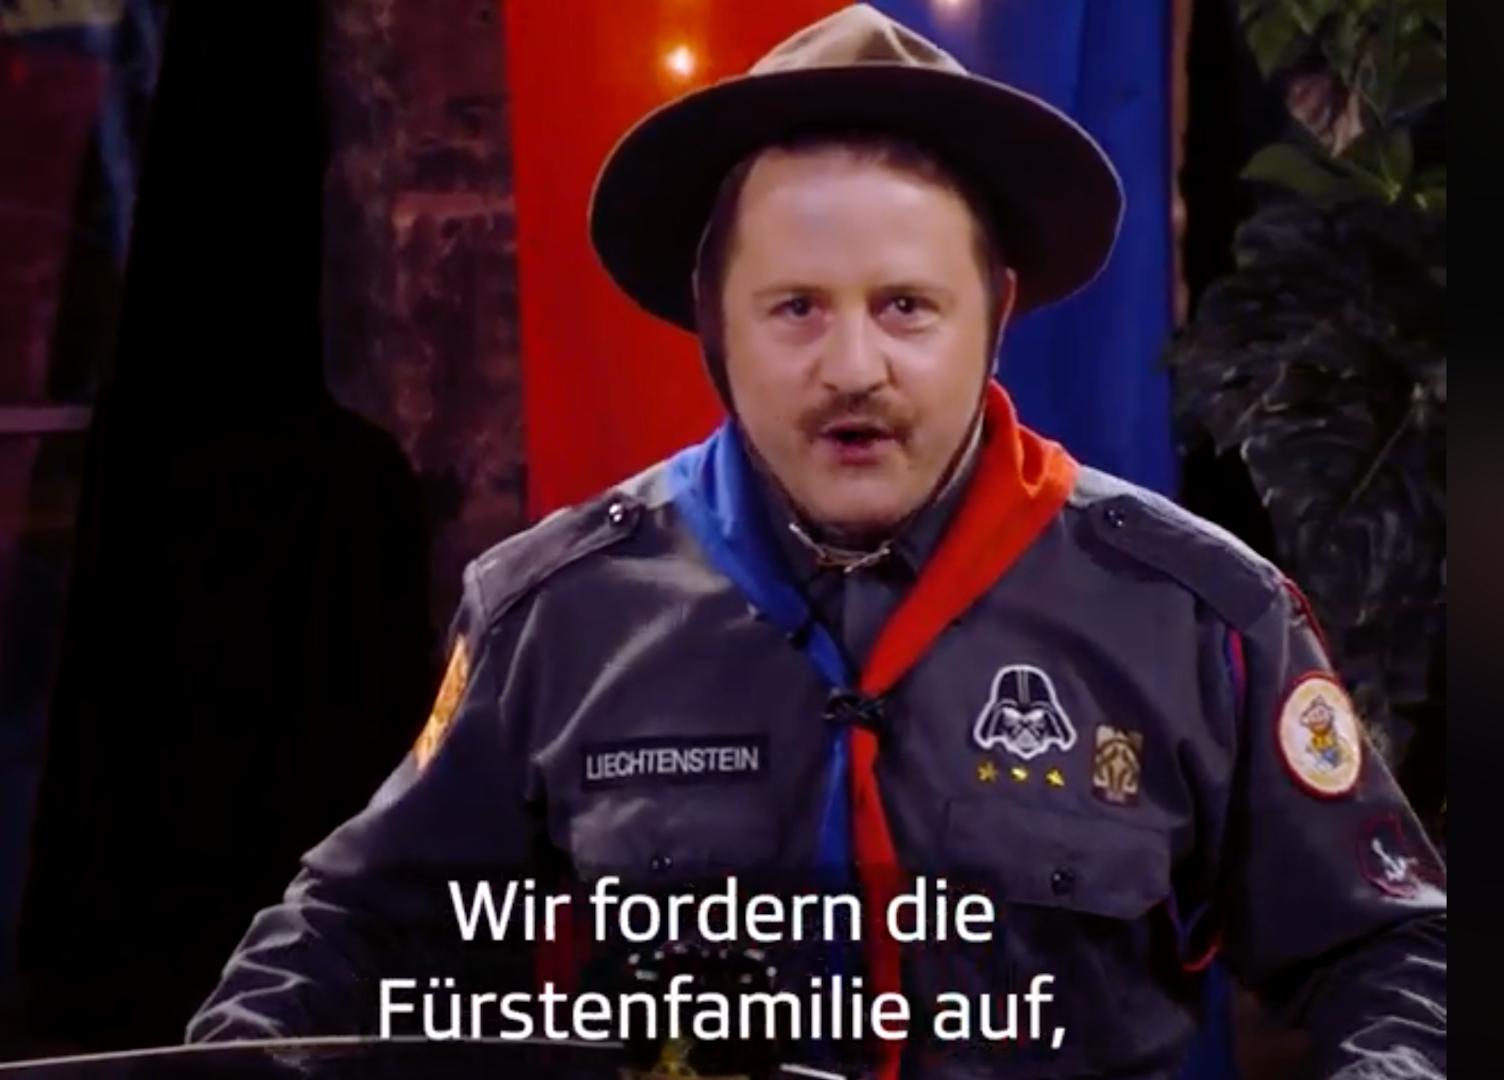 Pfadi Liechtenstein